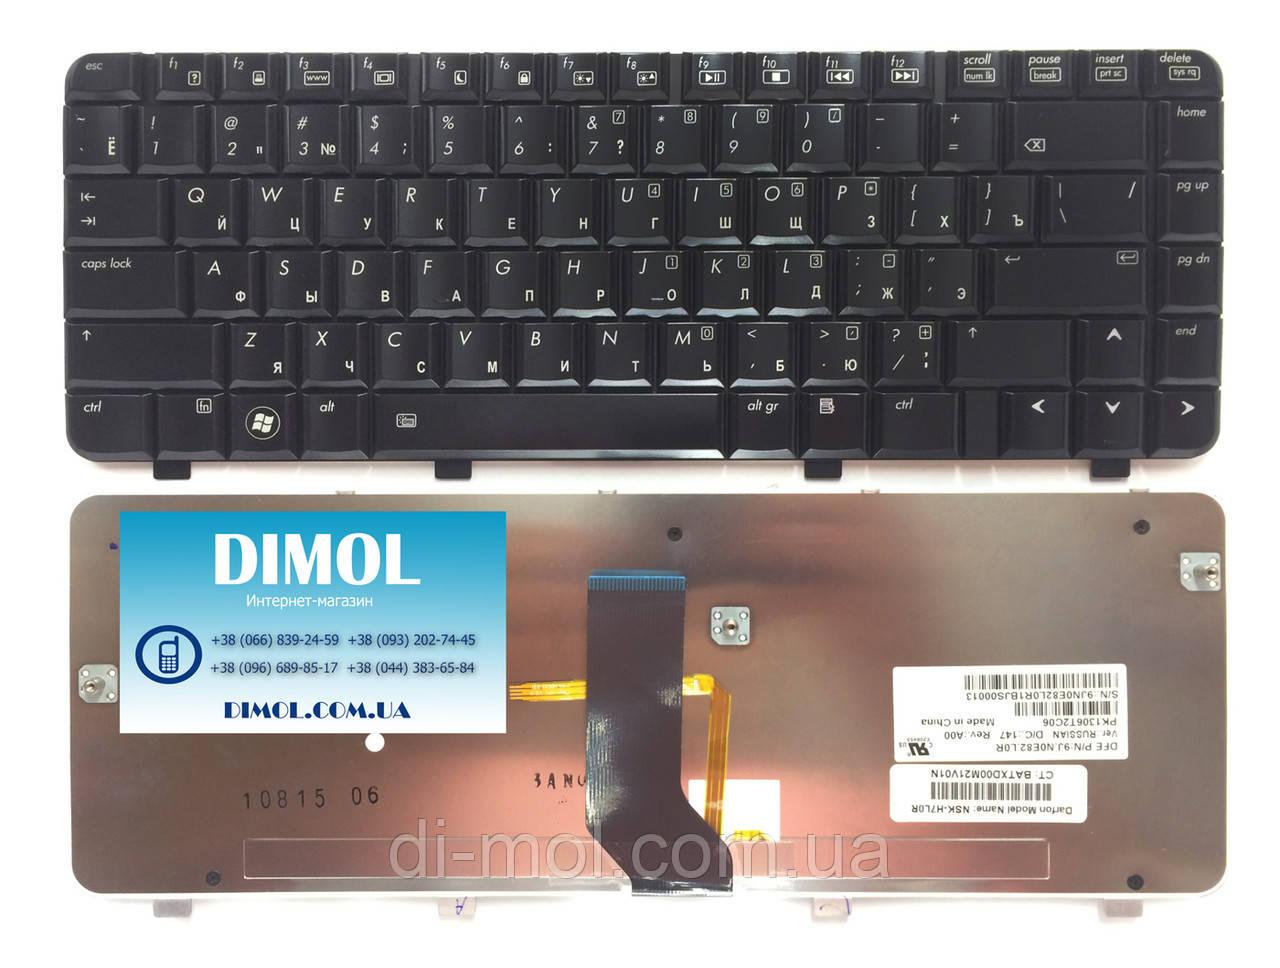 Оригінальна клавіатура для HP Pavilion dv3-2000 series, black, backlit, ru, глянець